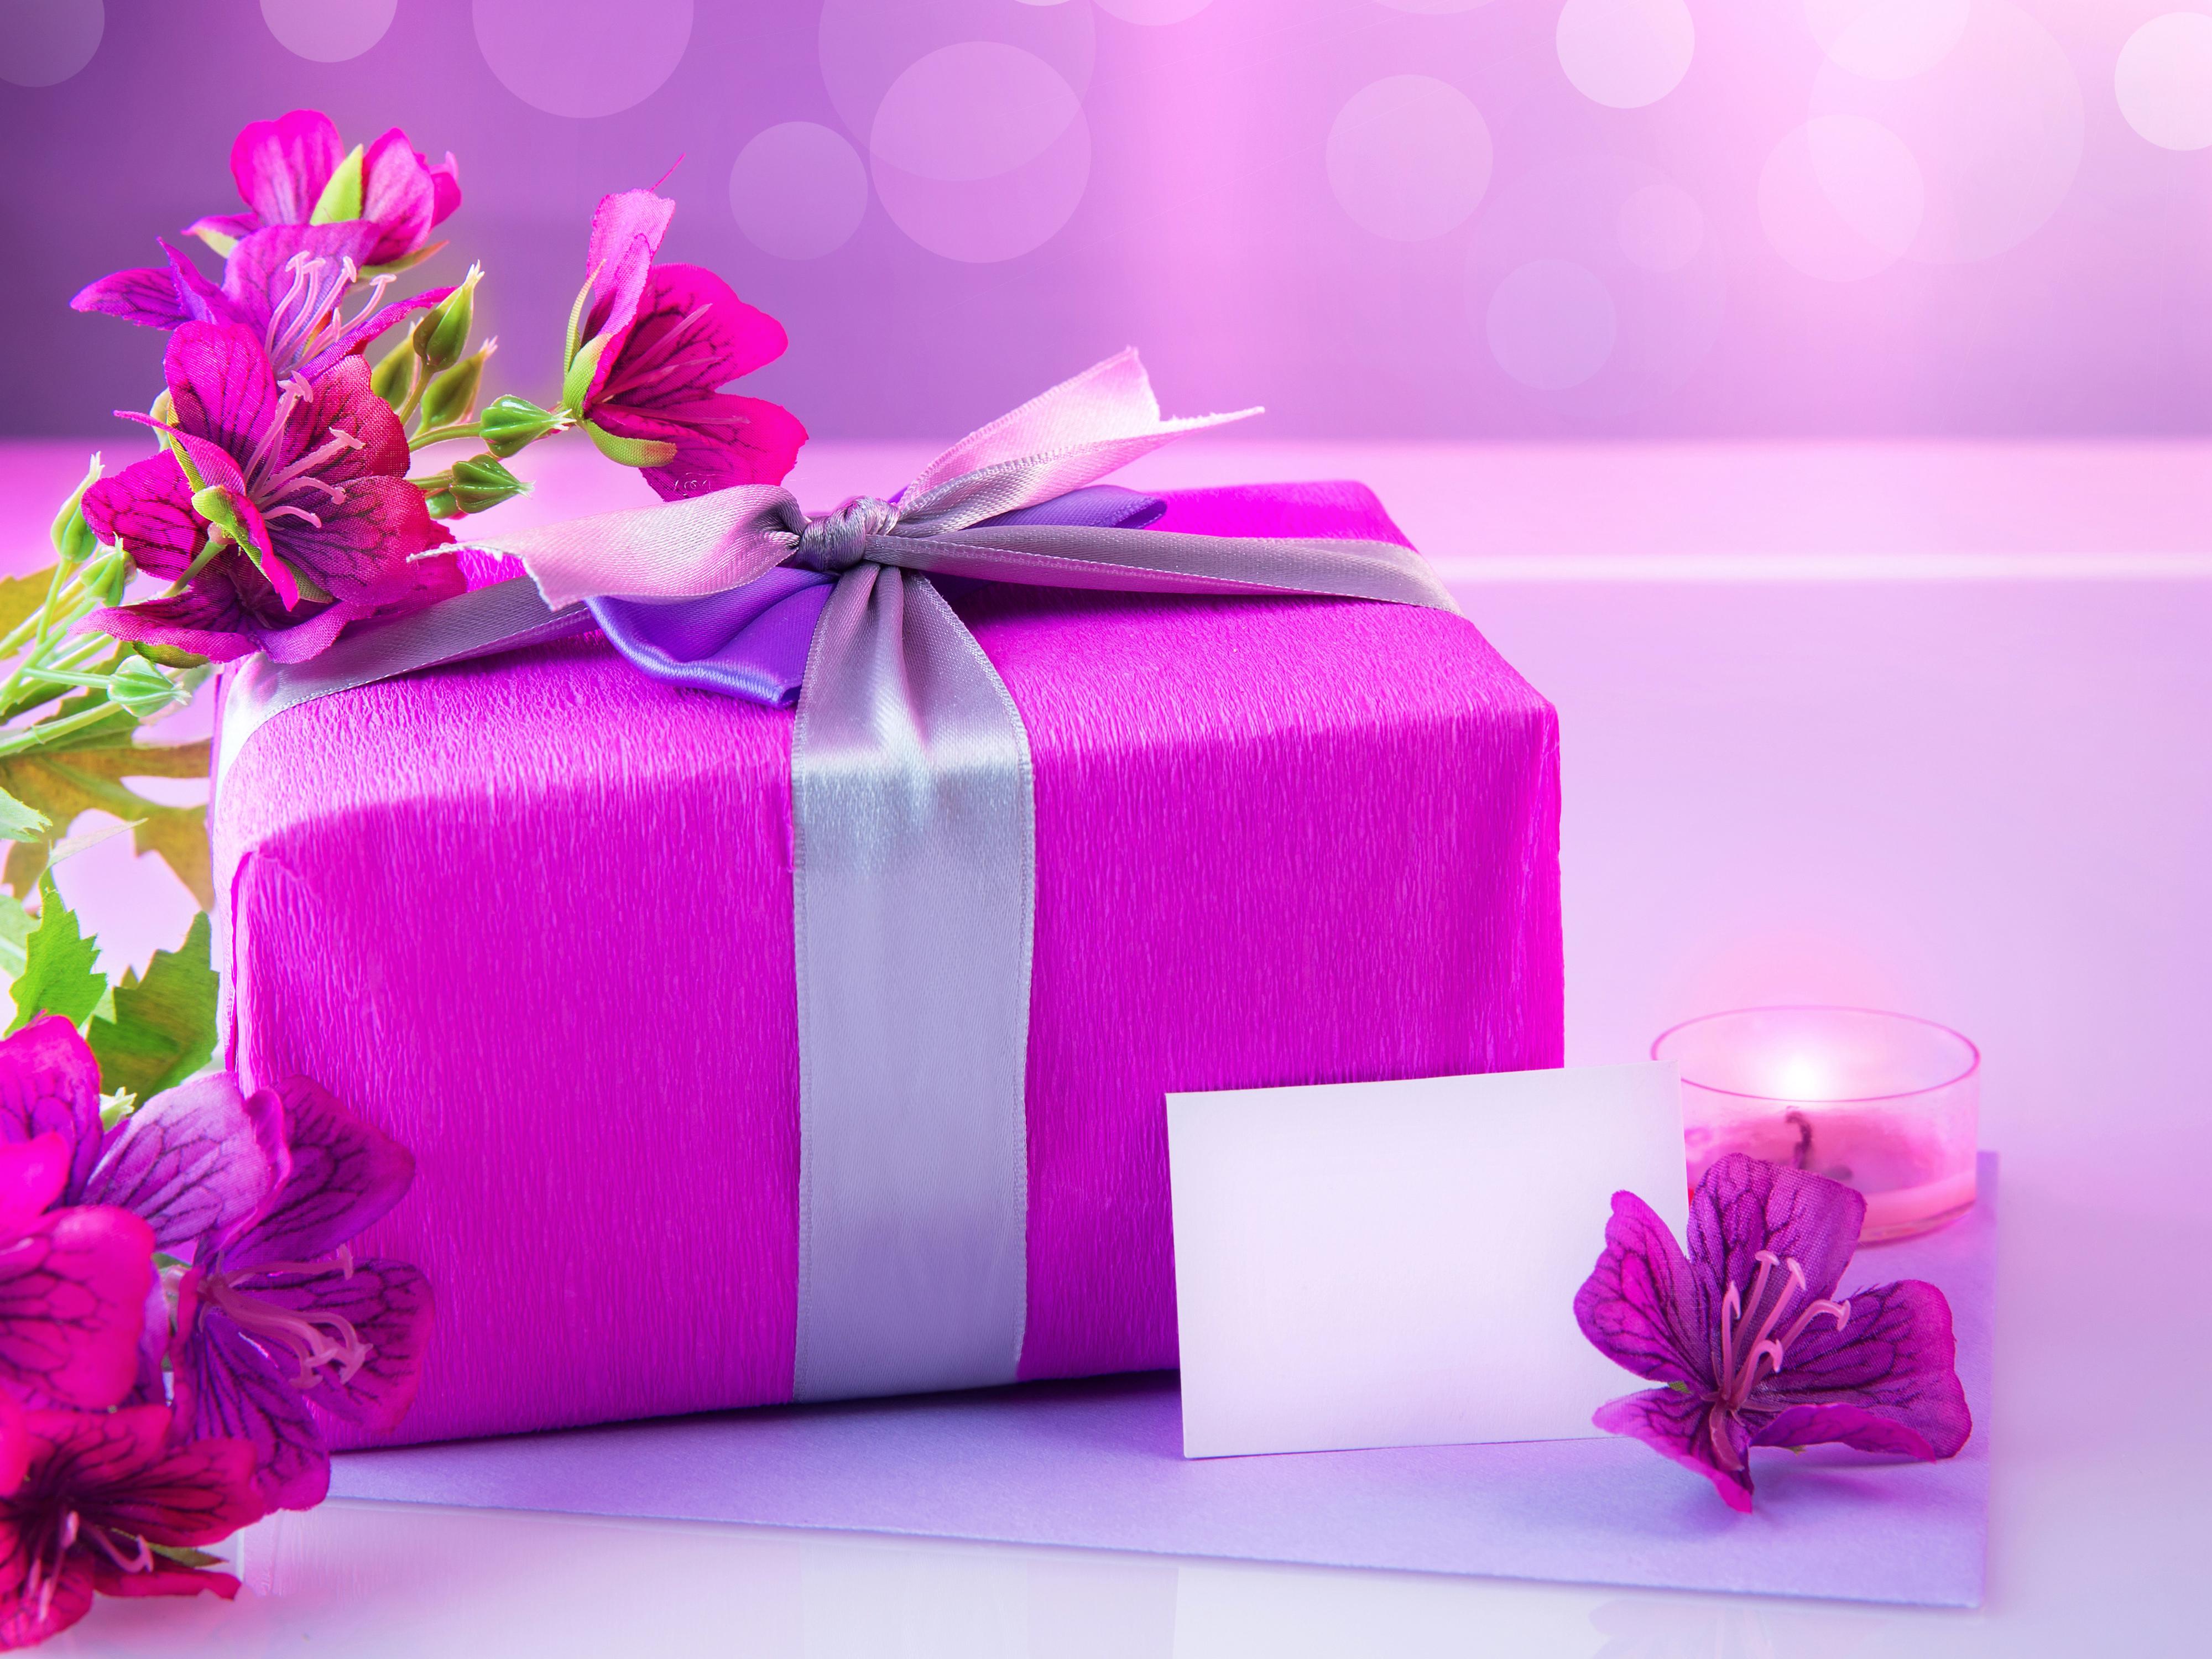 софт поможет цветы для день рождения подарок картинка статья будет интересна